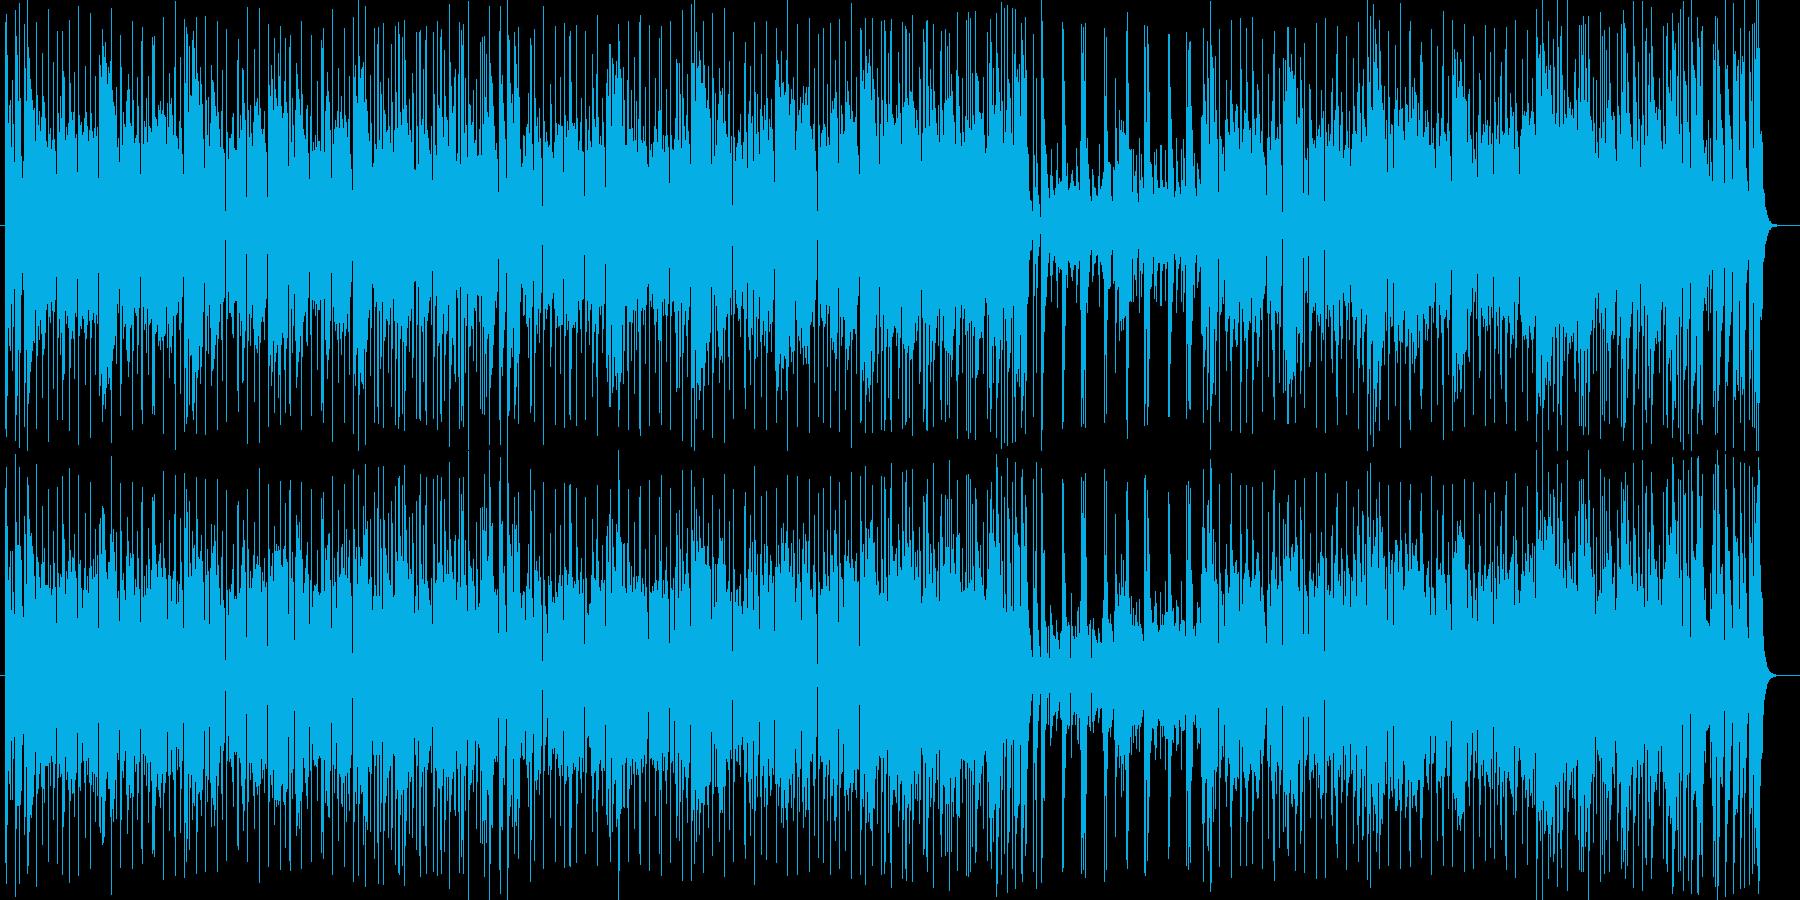 ドラムスとギターの音がカッコいいロックの再生済みの波形